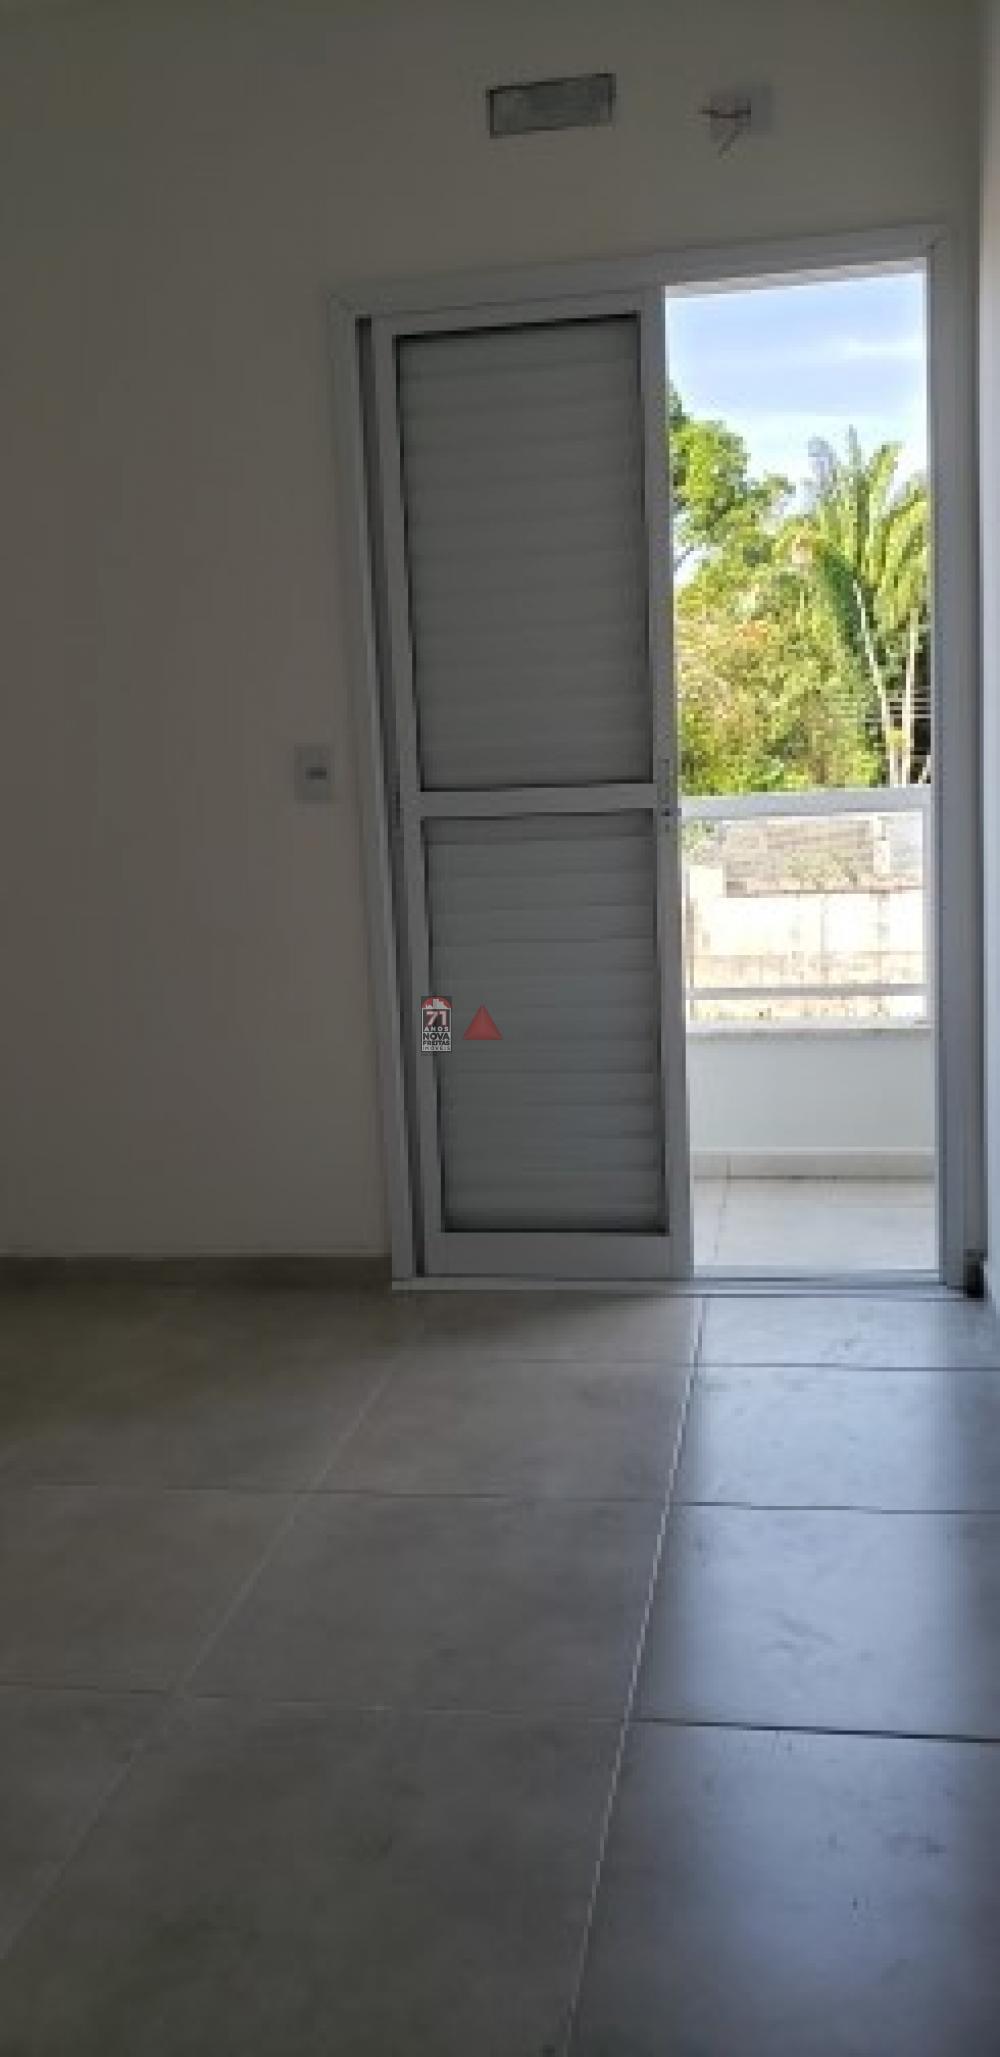 Comprar Casa / (Sobrado em condomínio) em Caraguatatuba apenas R$ 270.000,00 - Foto 12